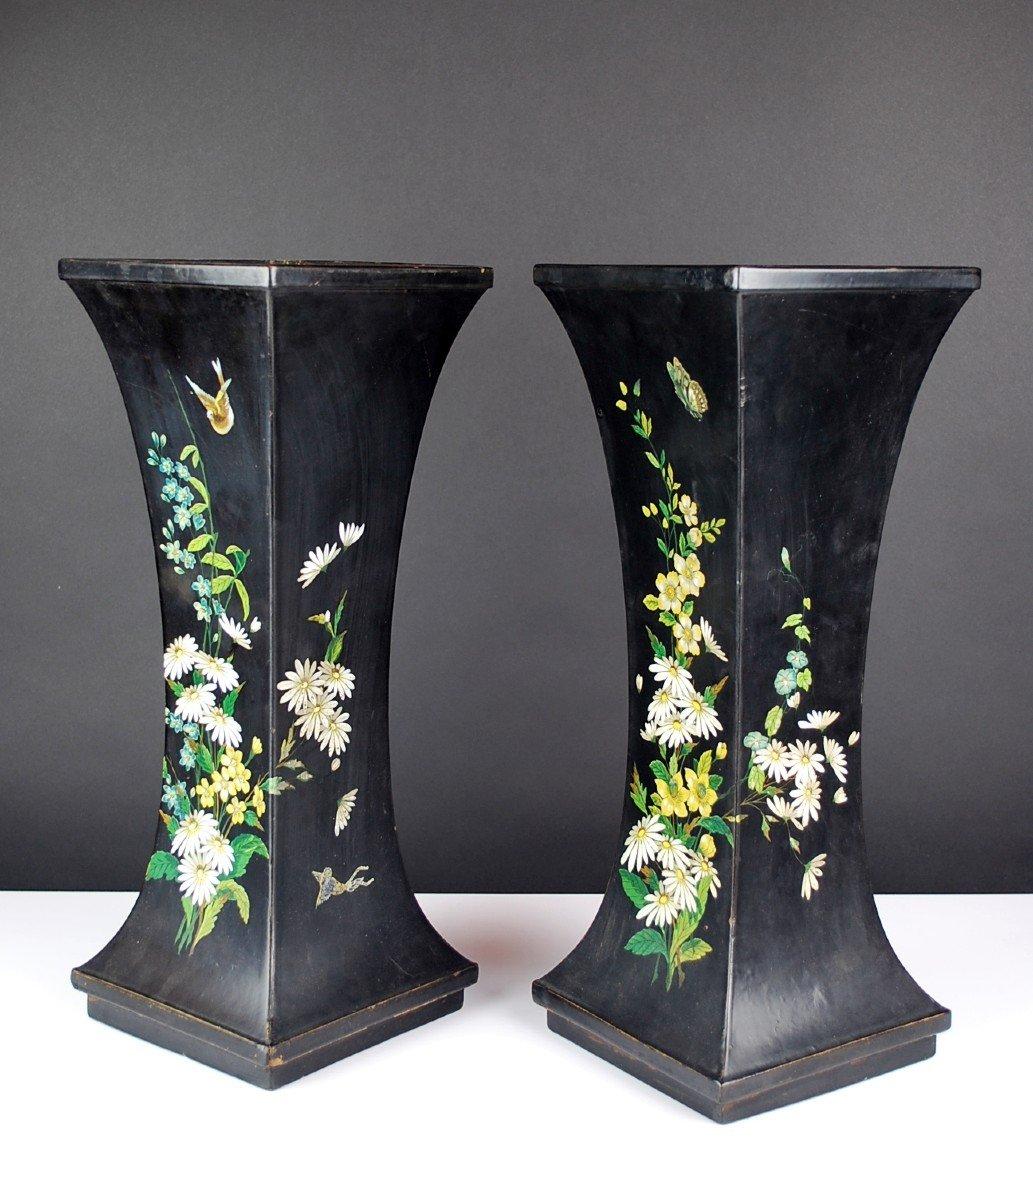 Pair Of Paper Mache Vases, 19th-photo-1